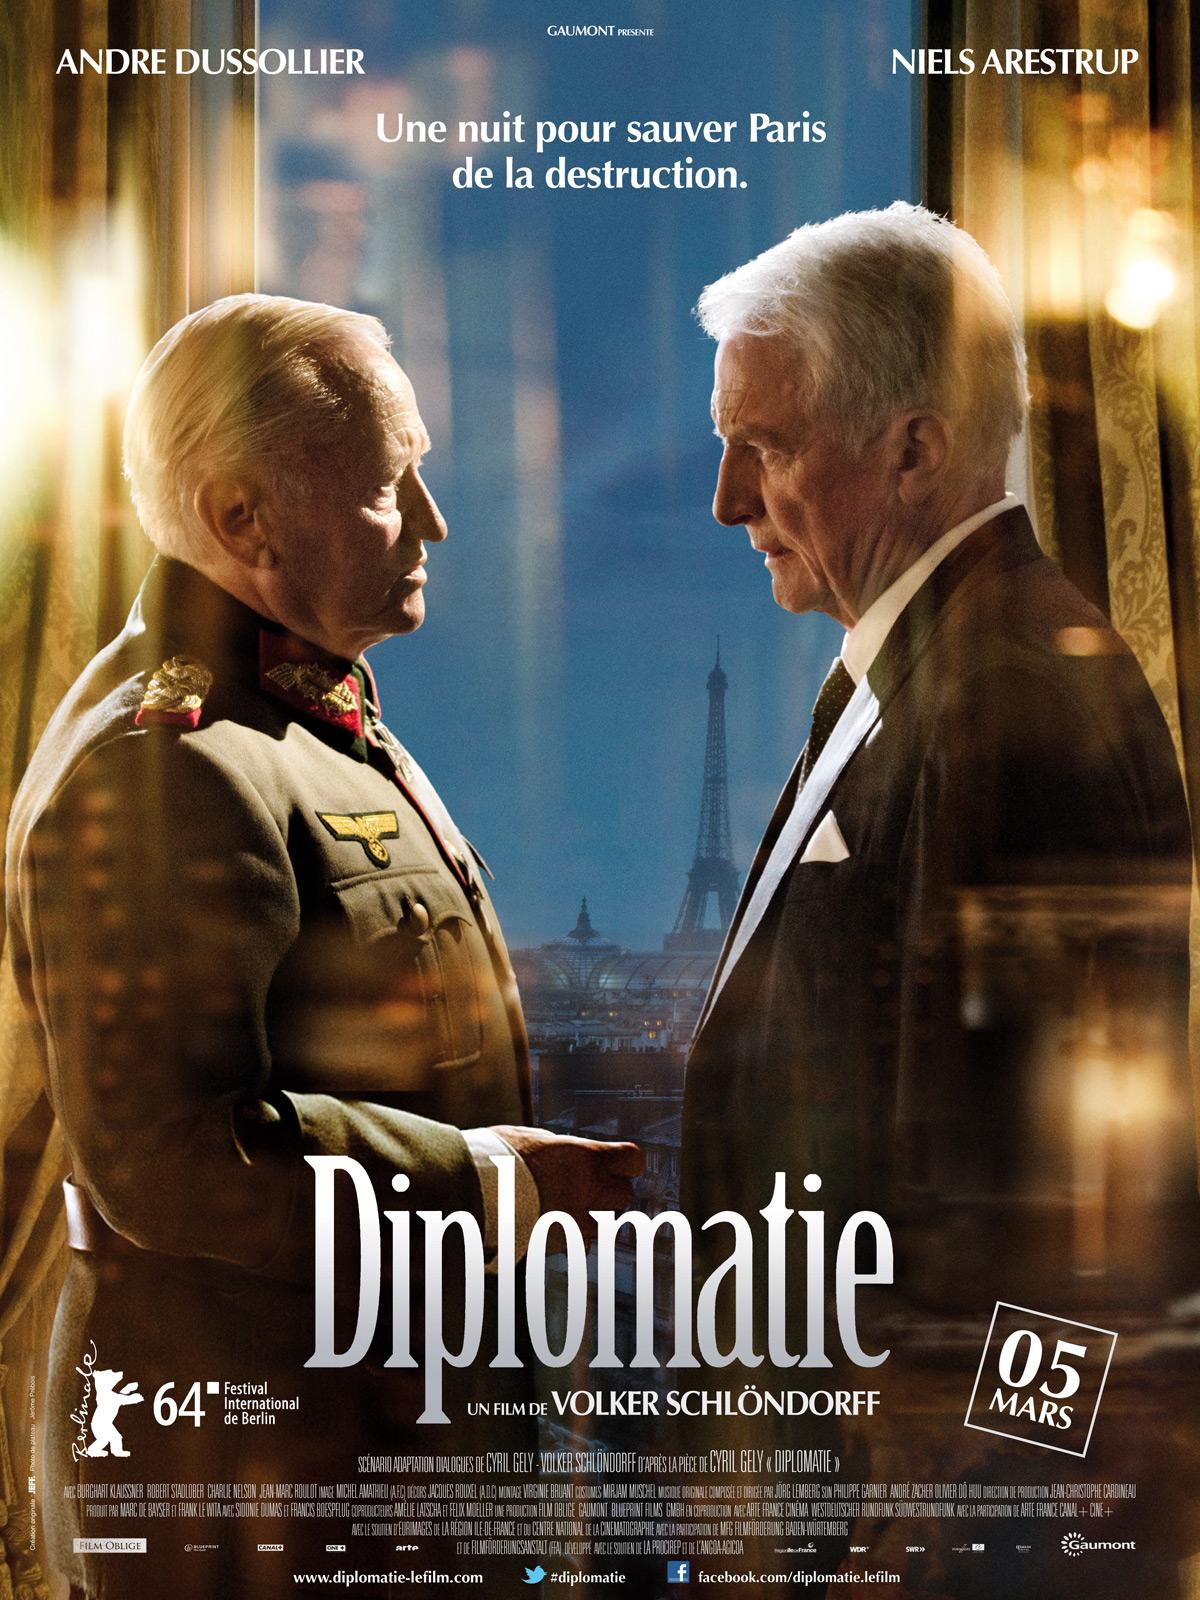 Diplomatie, ou comment on empêcha la destruction de Paris 590379